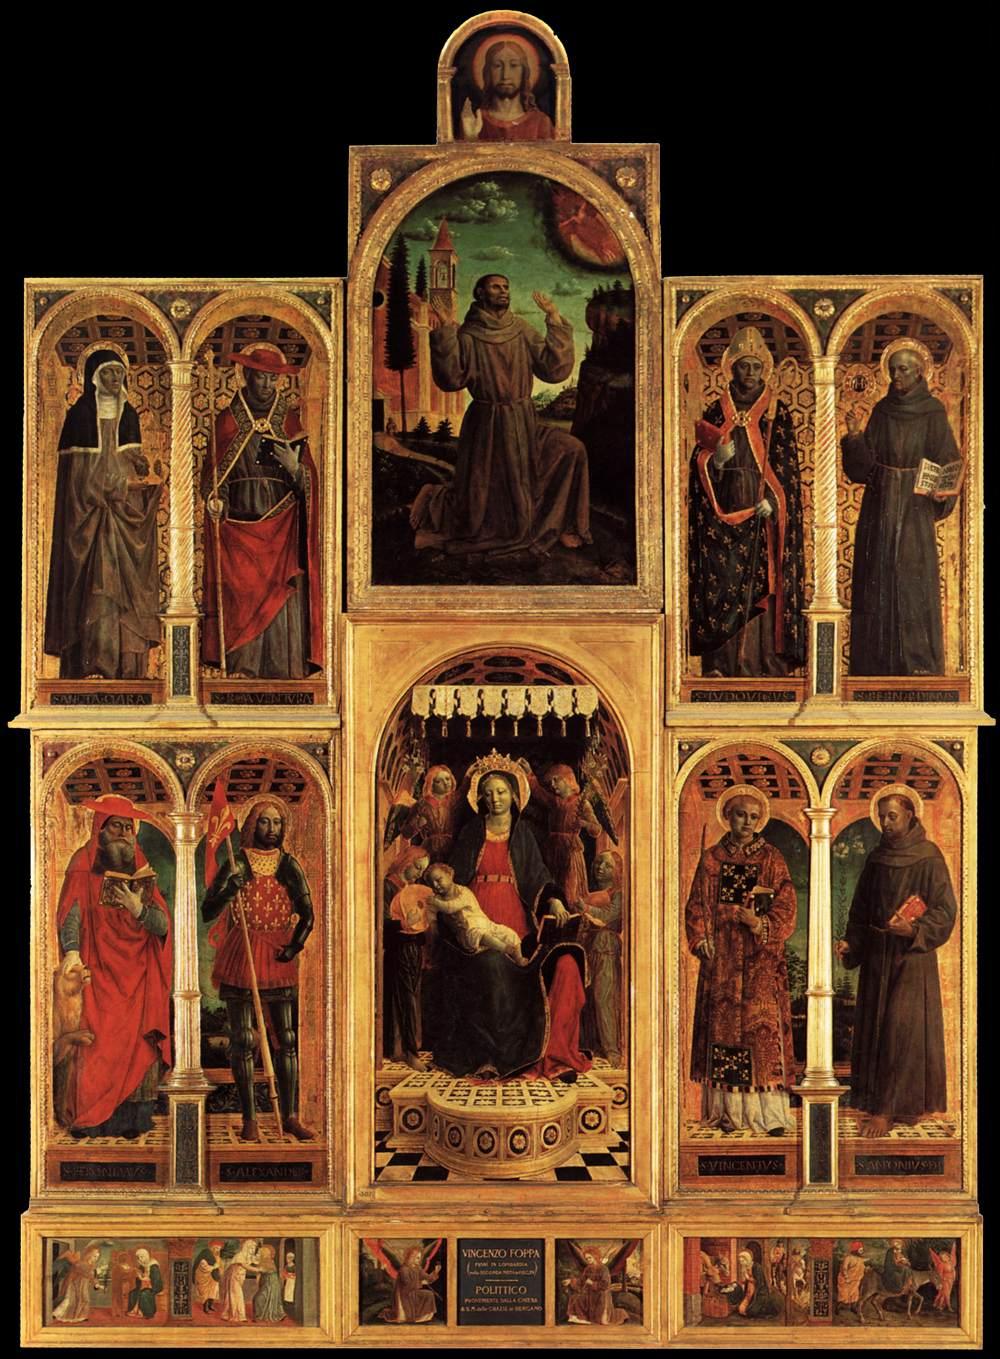 Pinacoteca Brera Opere Pinacoteca di Brera Milan